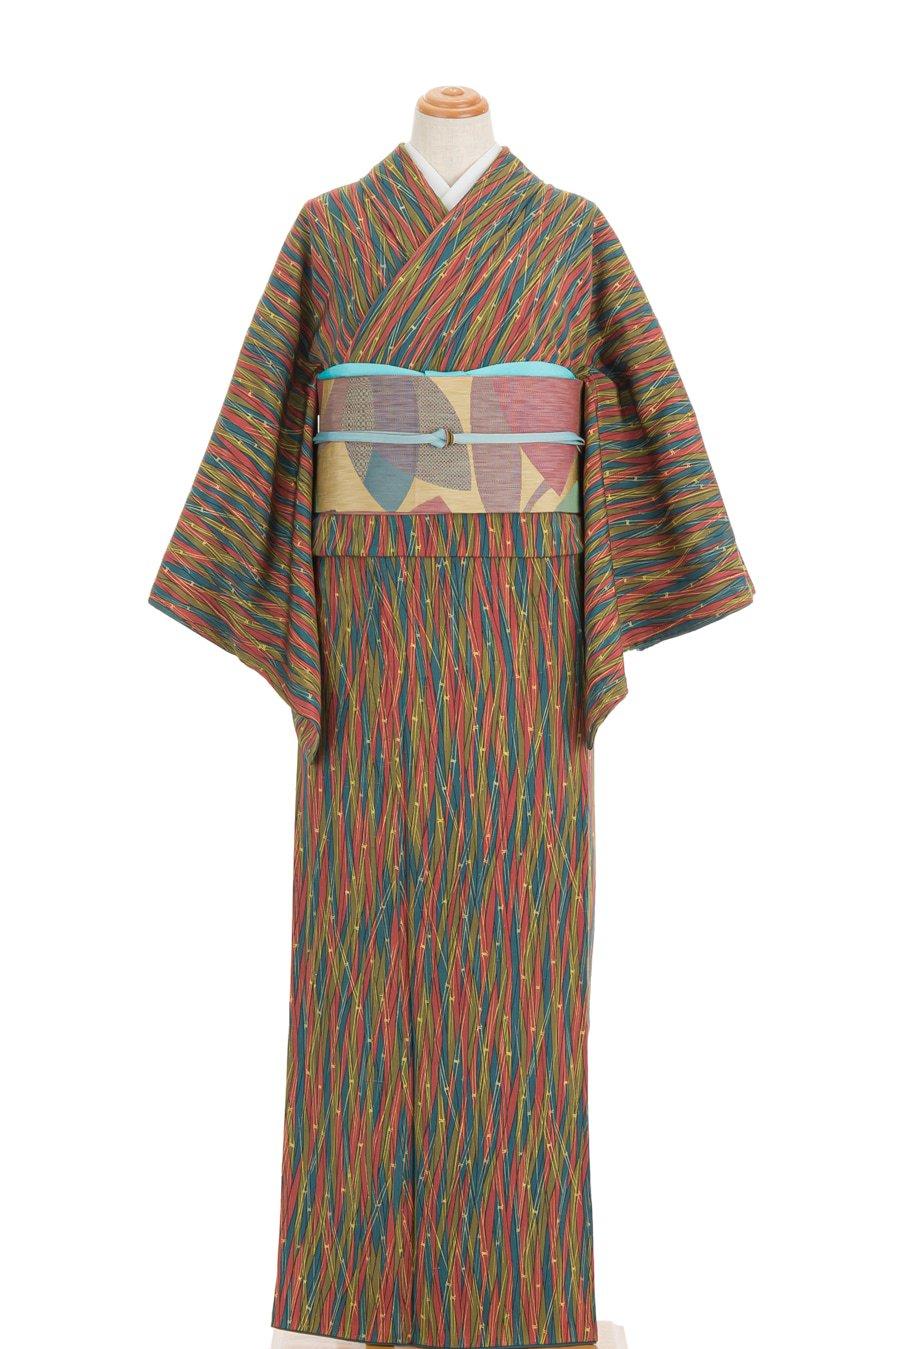 「セミアンティーク着物 竹の縞」の商品画像